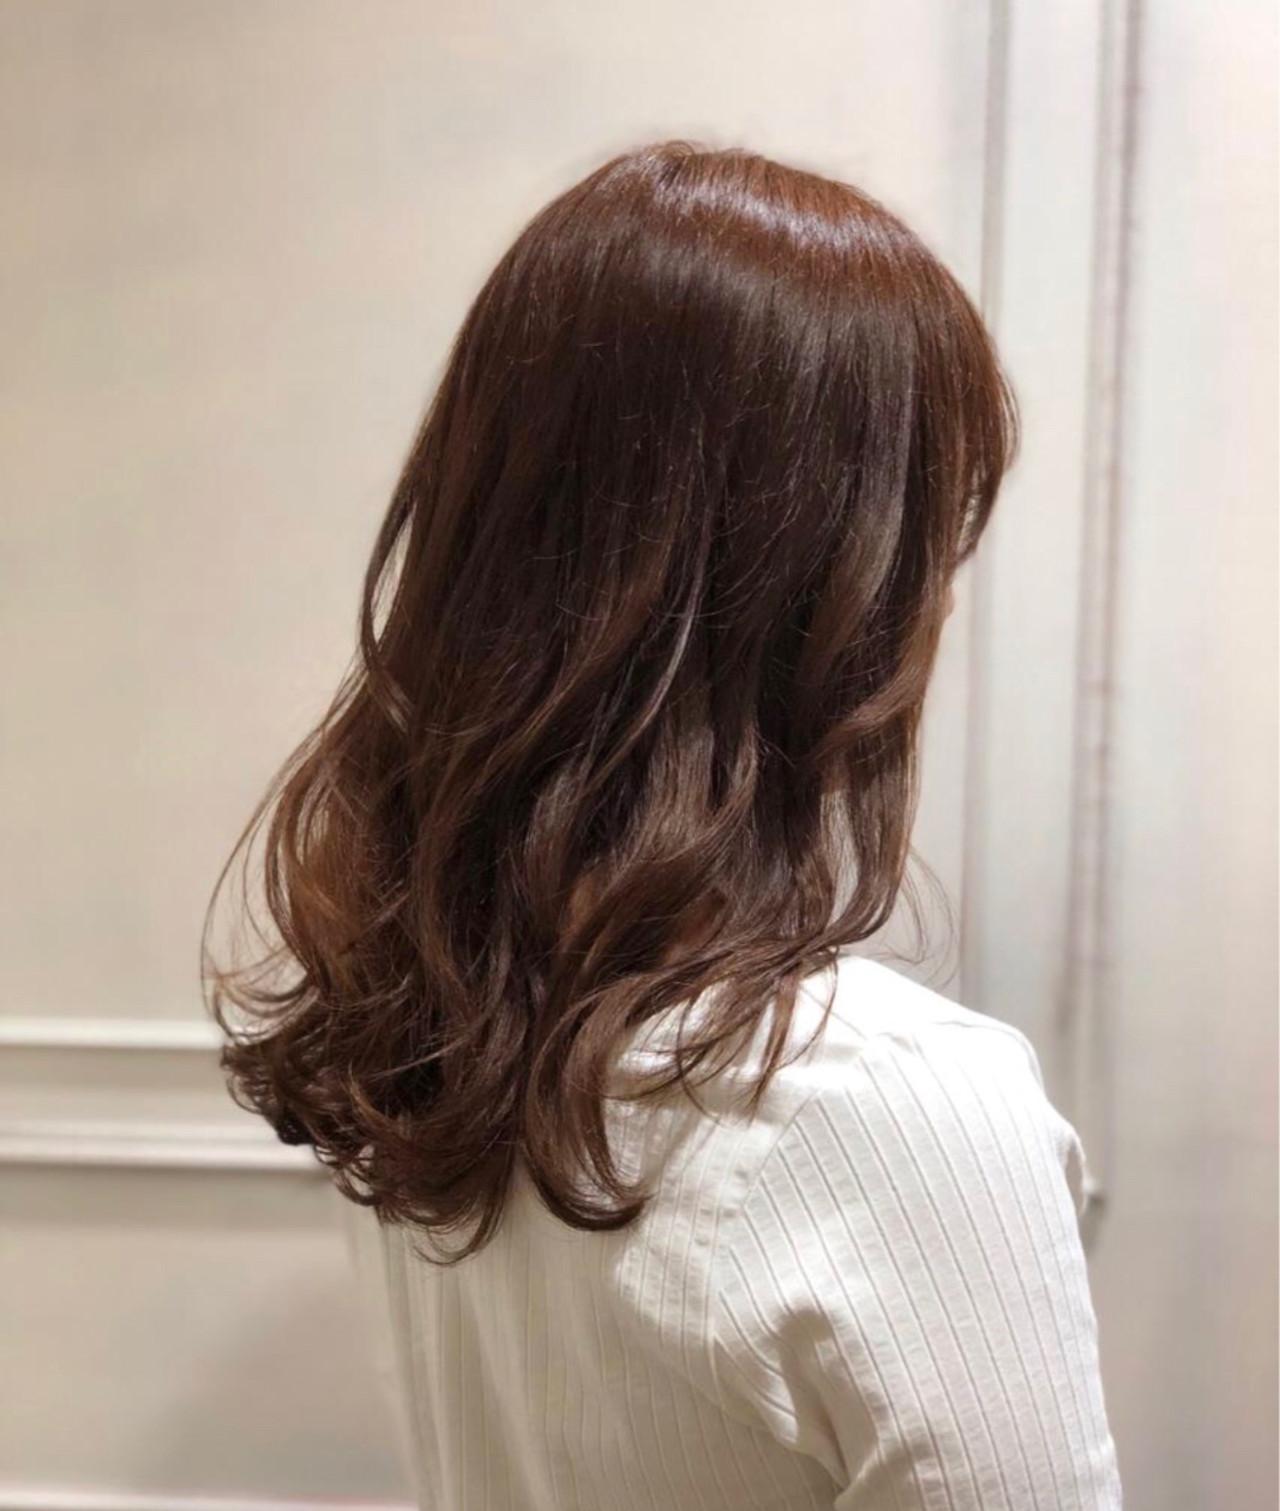 外国人風 かわいい ゆるふわ フェミニンヘアスタイルや髪型の写真・画像